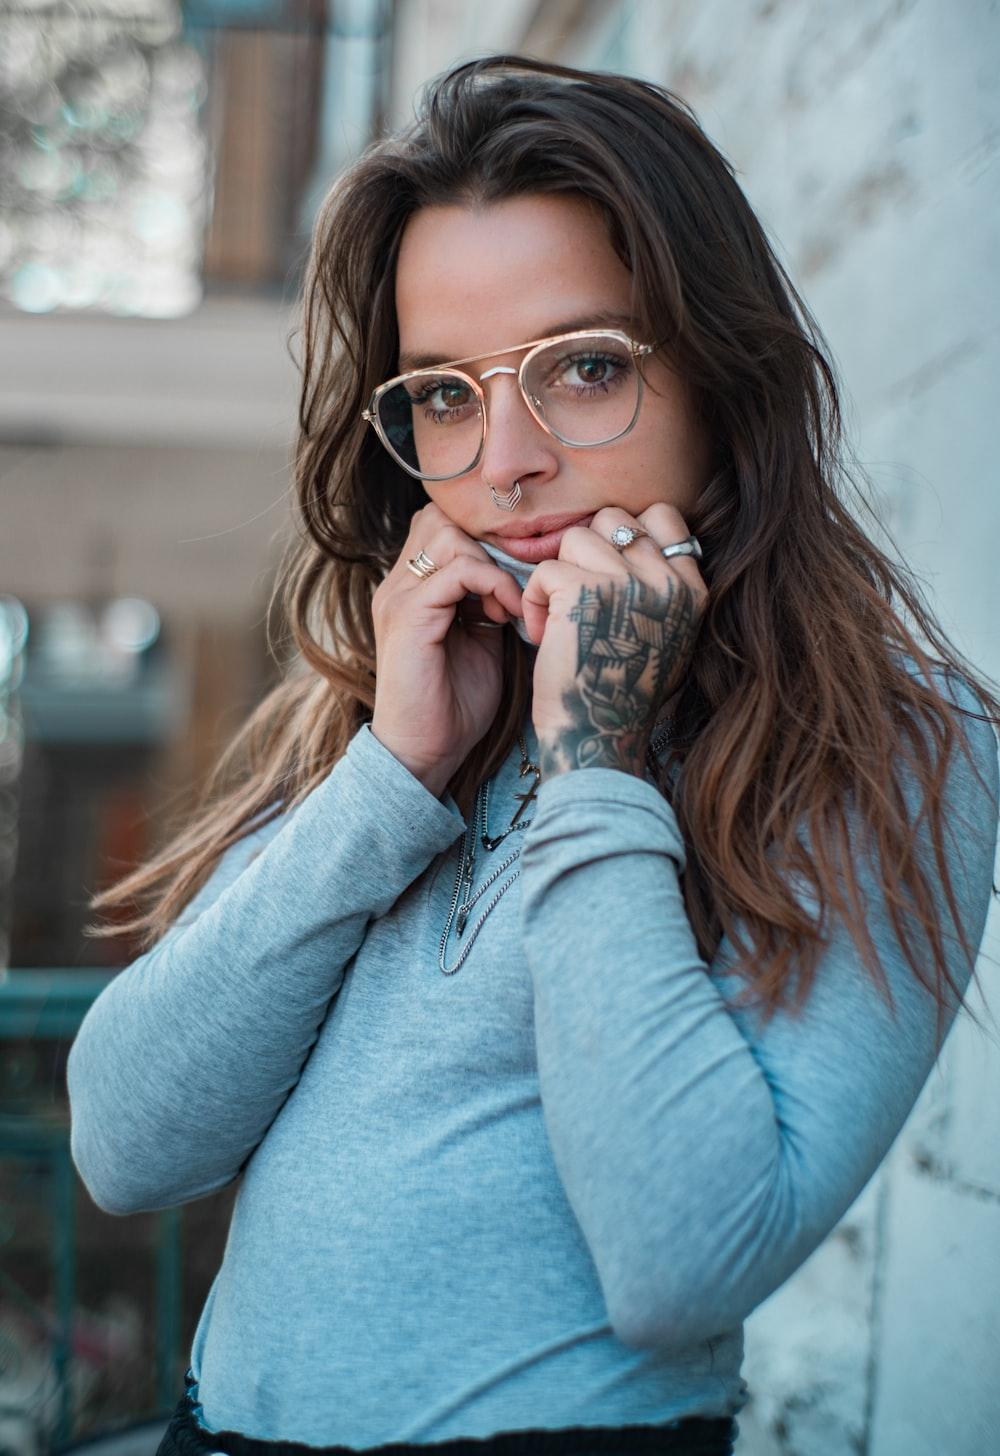 woman in blue sweater wearing eyeglasses